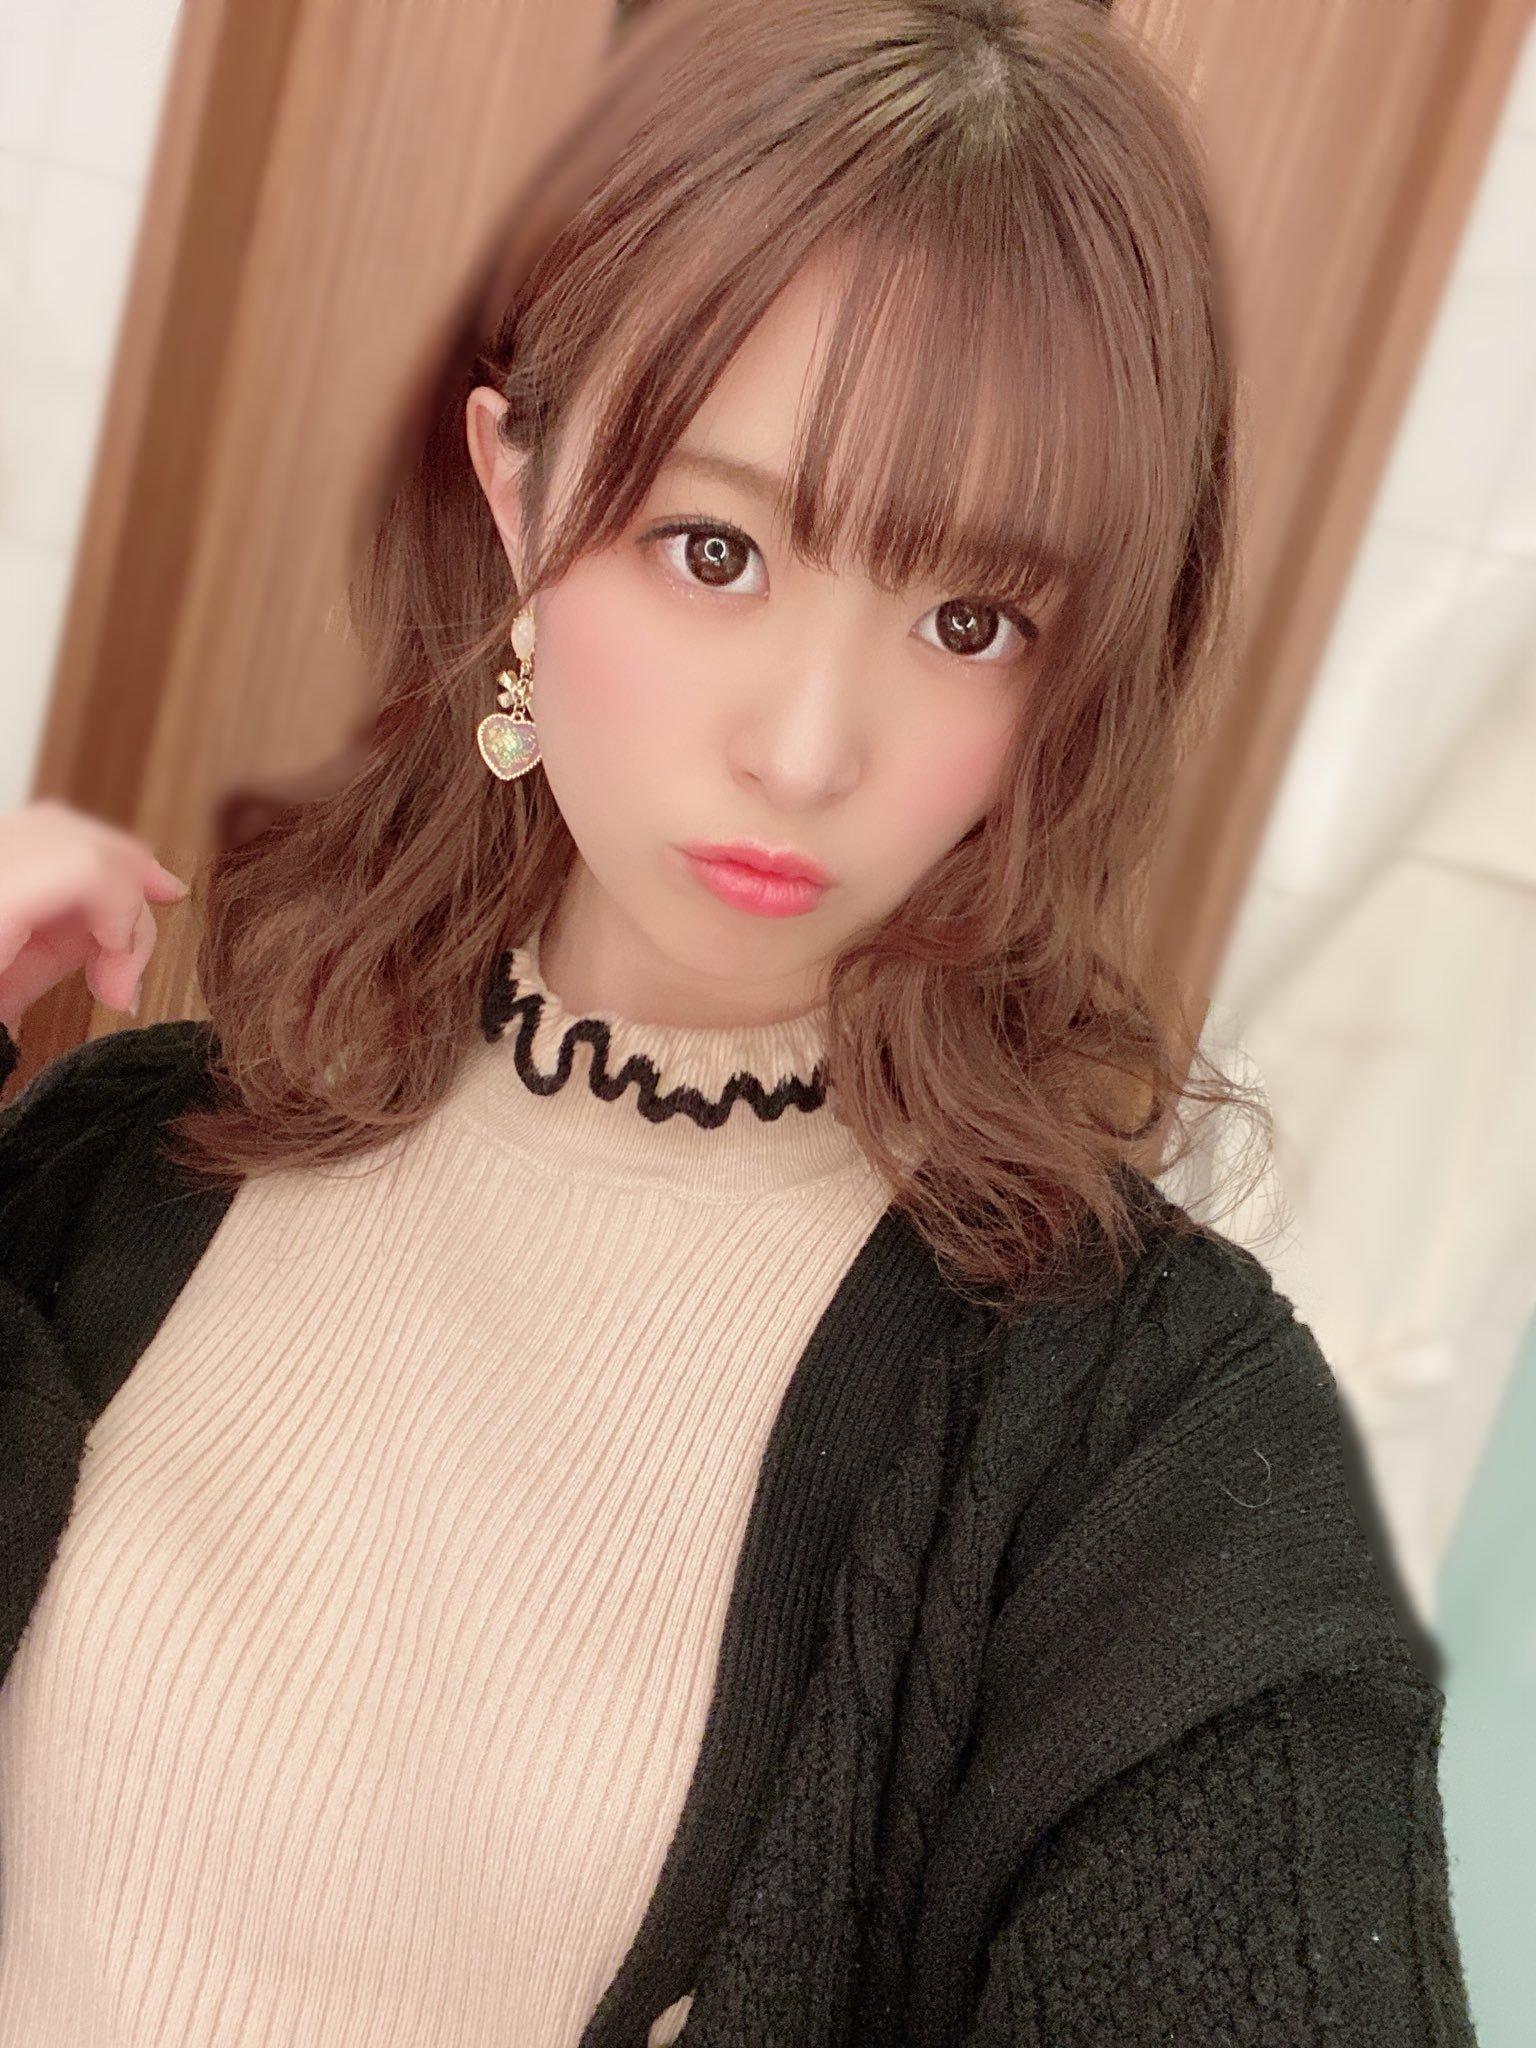 hikari_ninoheee 1239782525913796609_p0